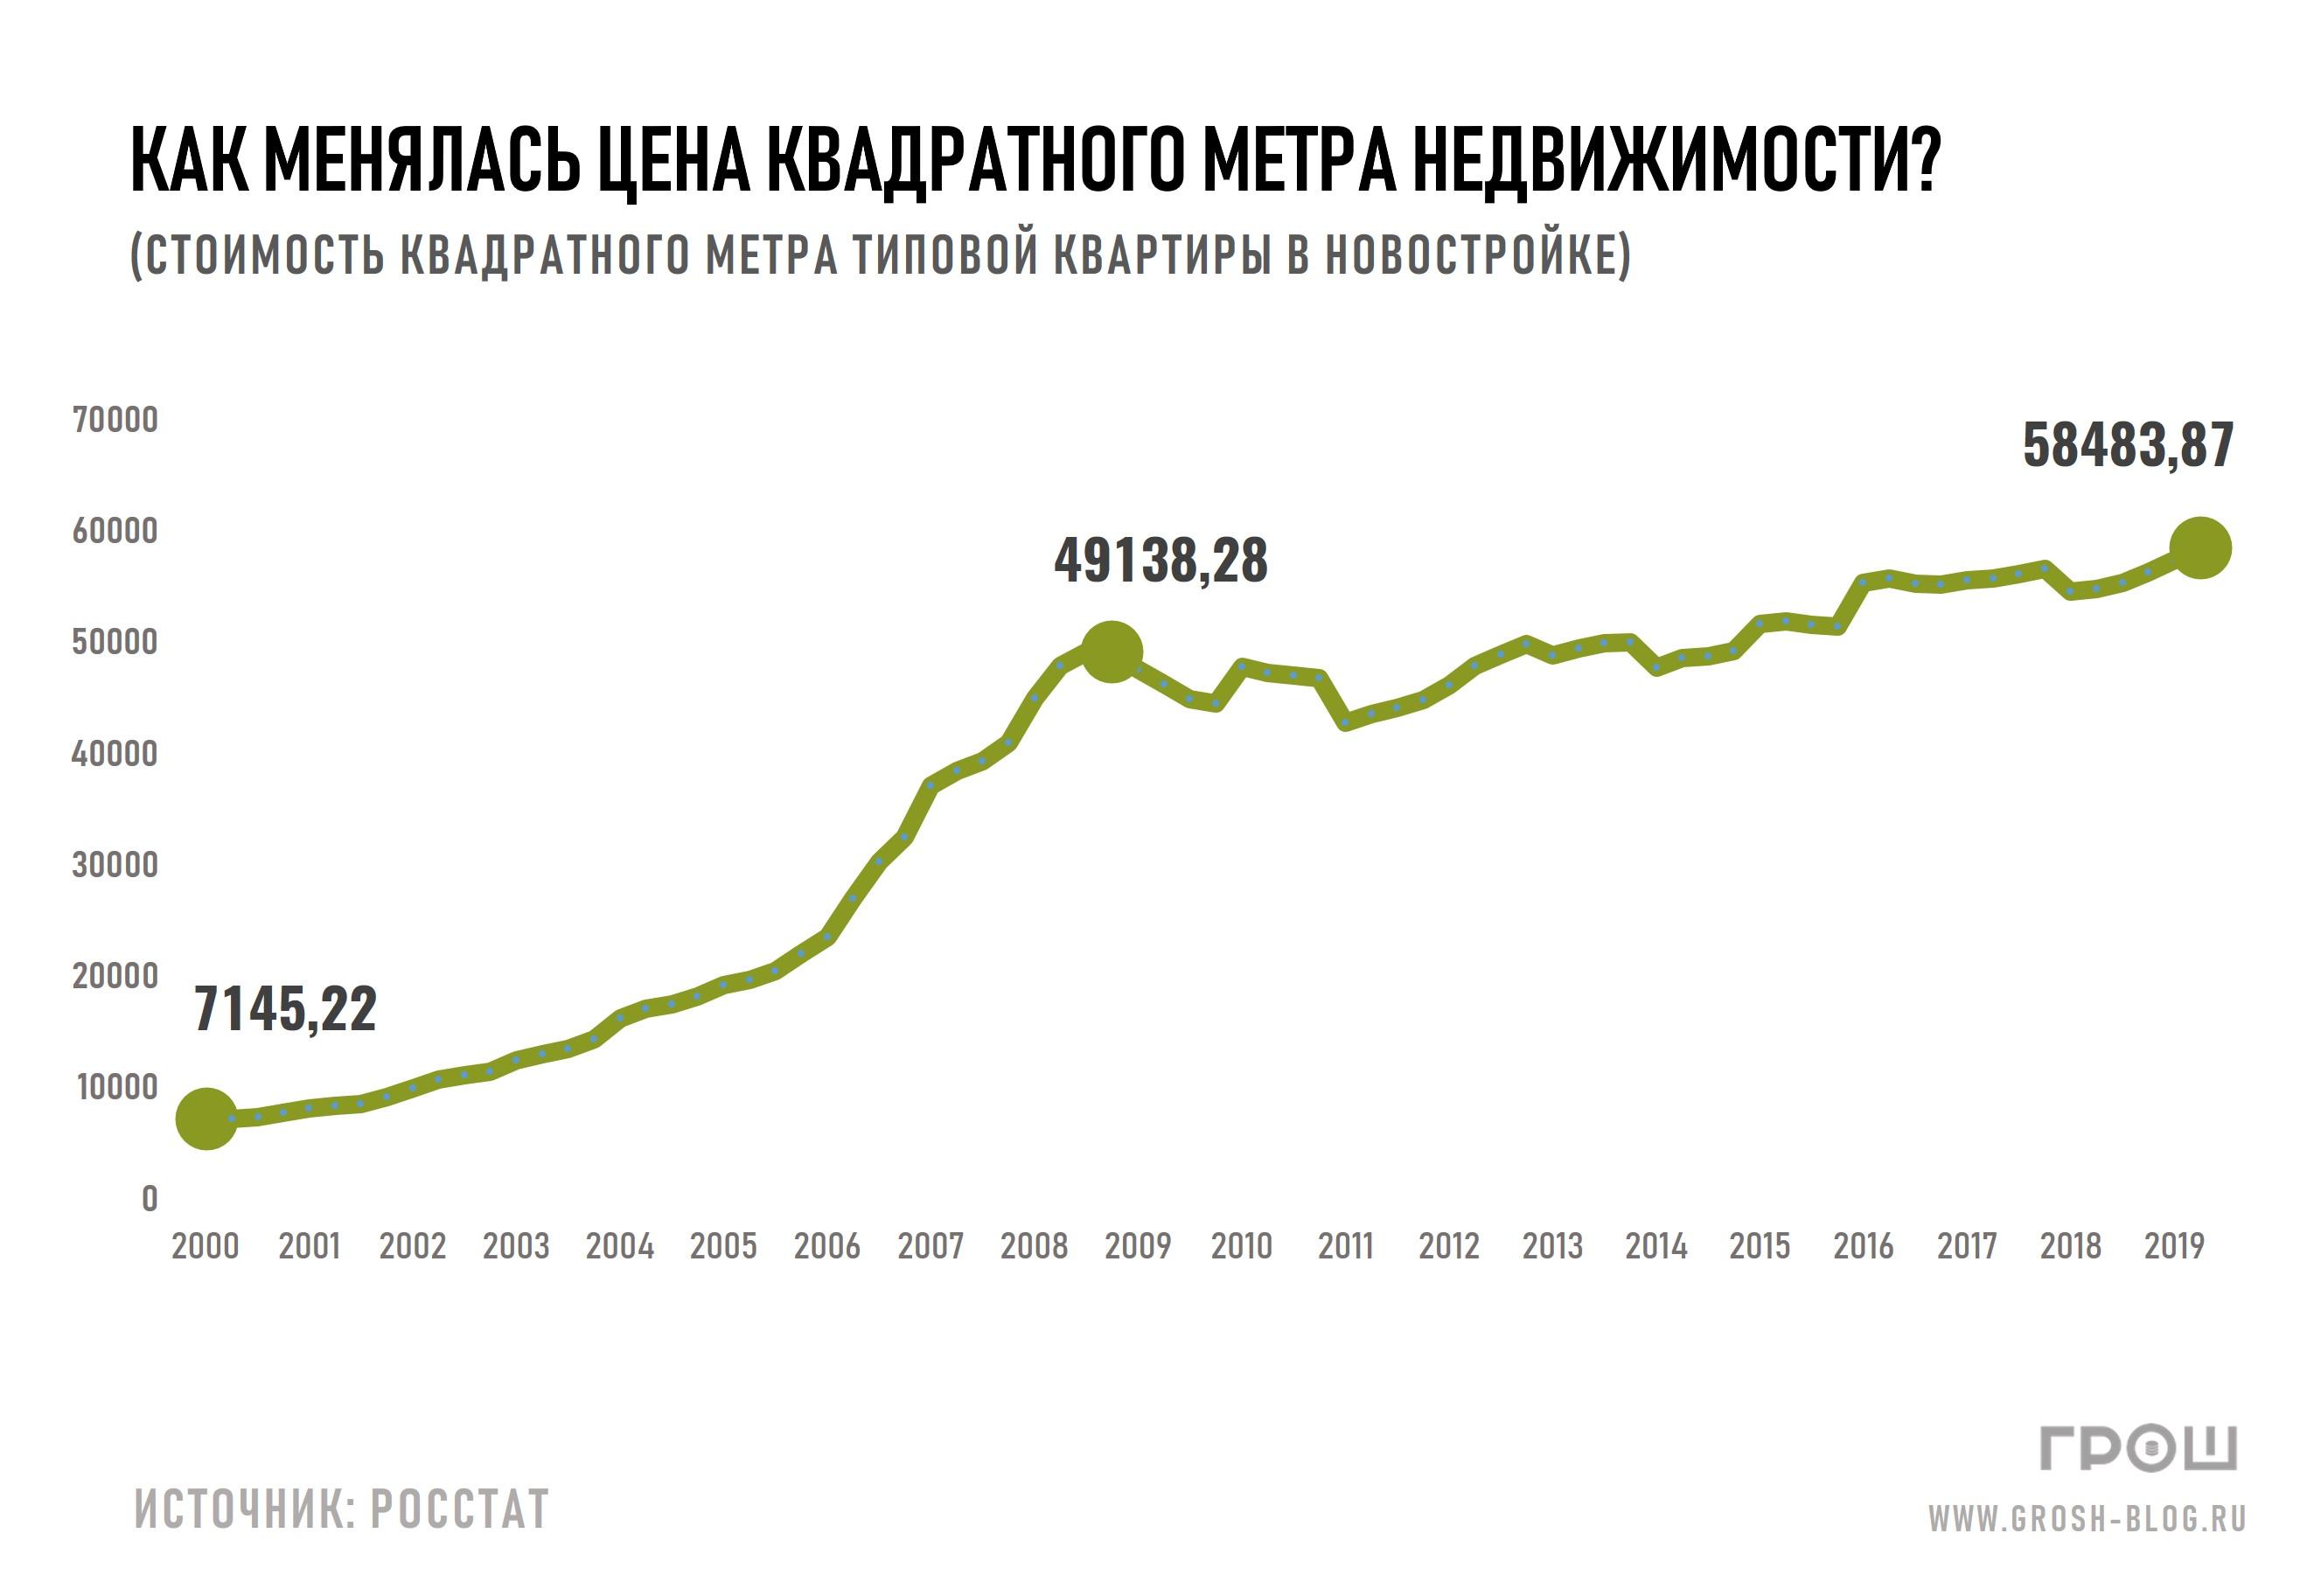 стоимость квадратного метра в типовой квартире динамика по годамhttps://grosh-blog.ru/